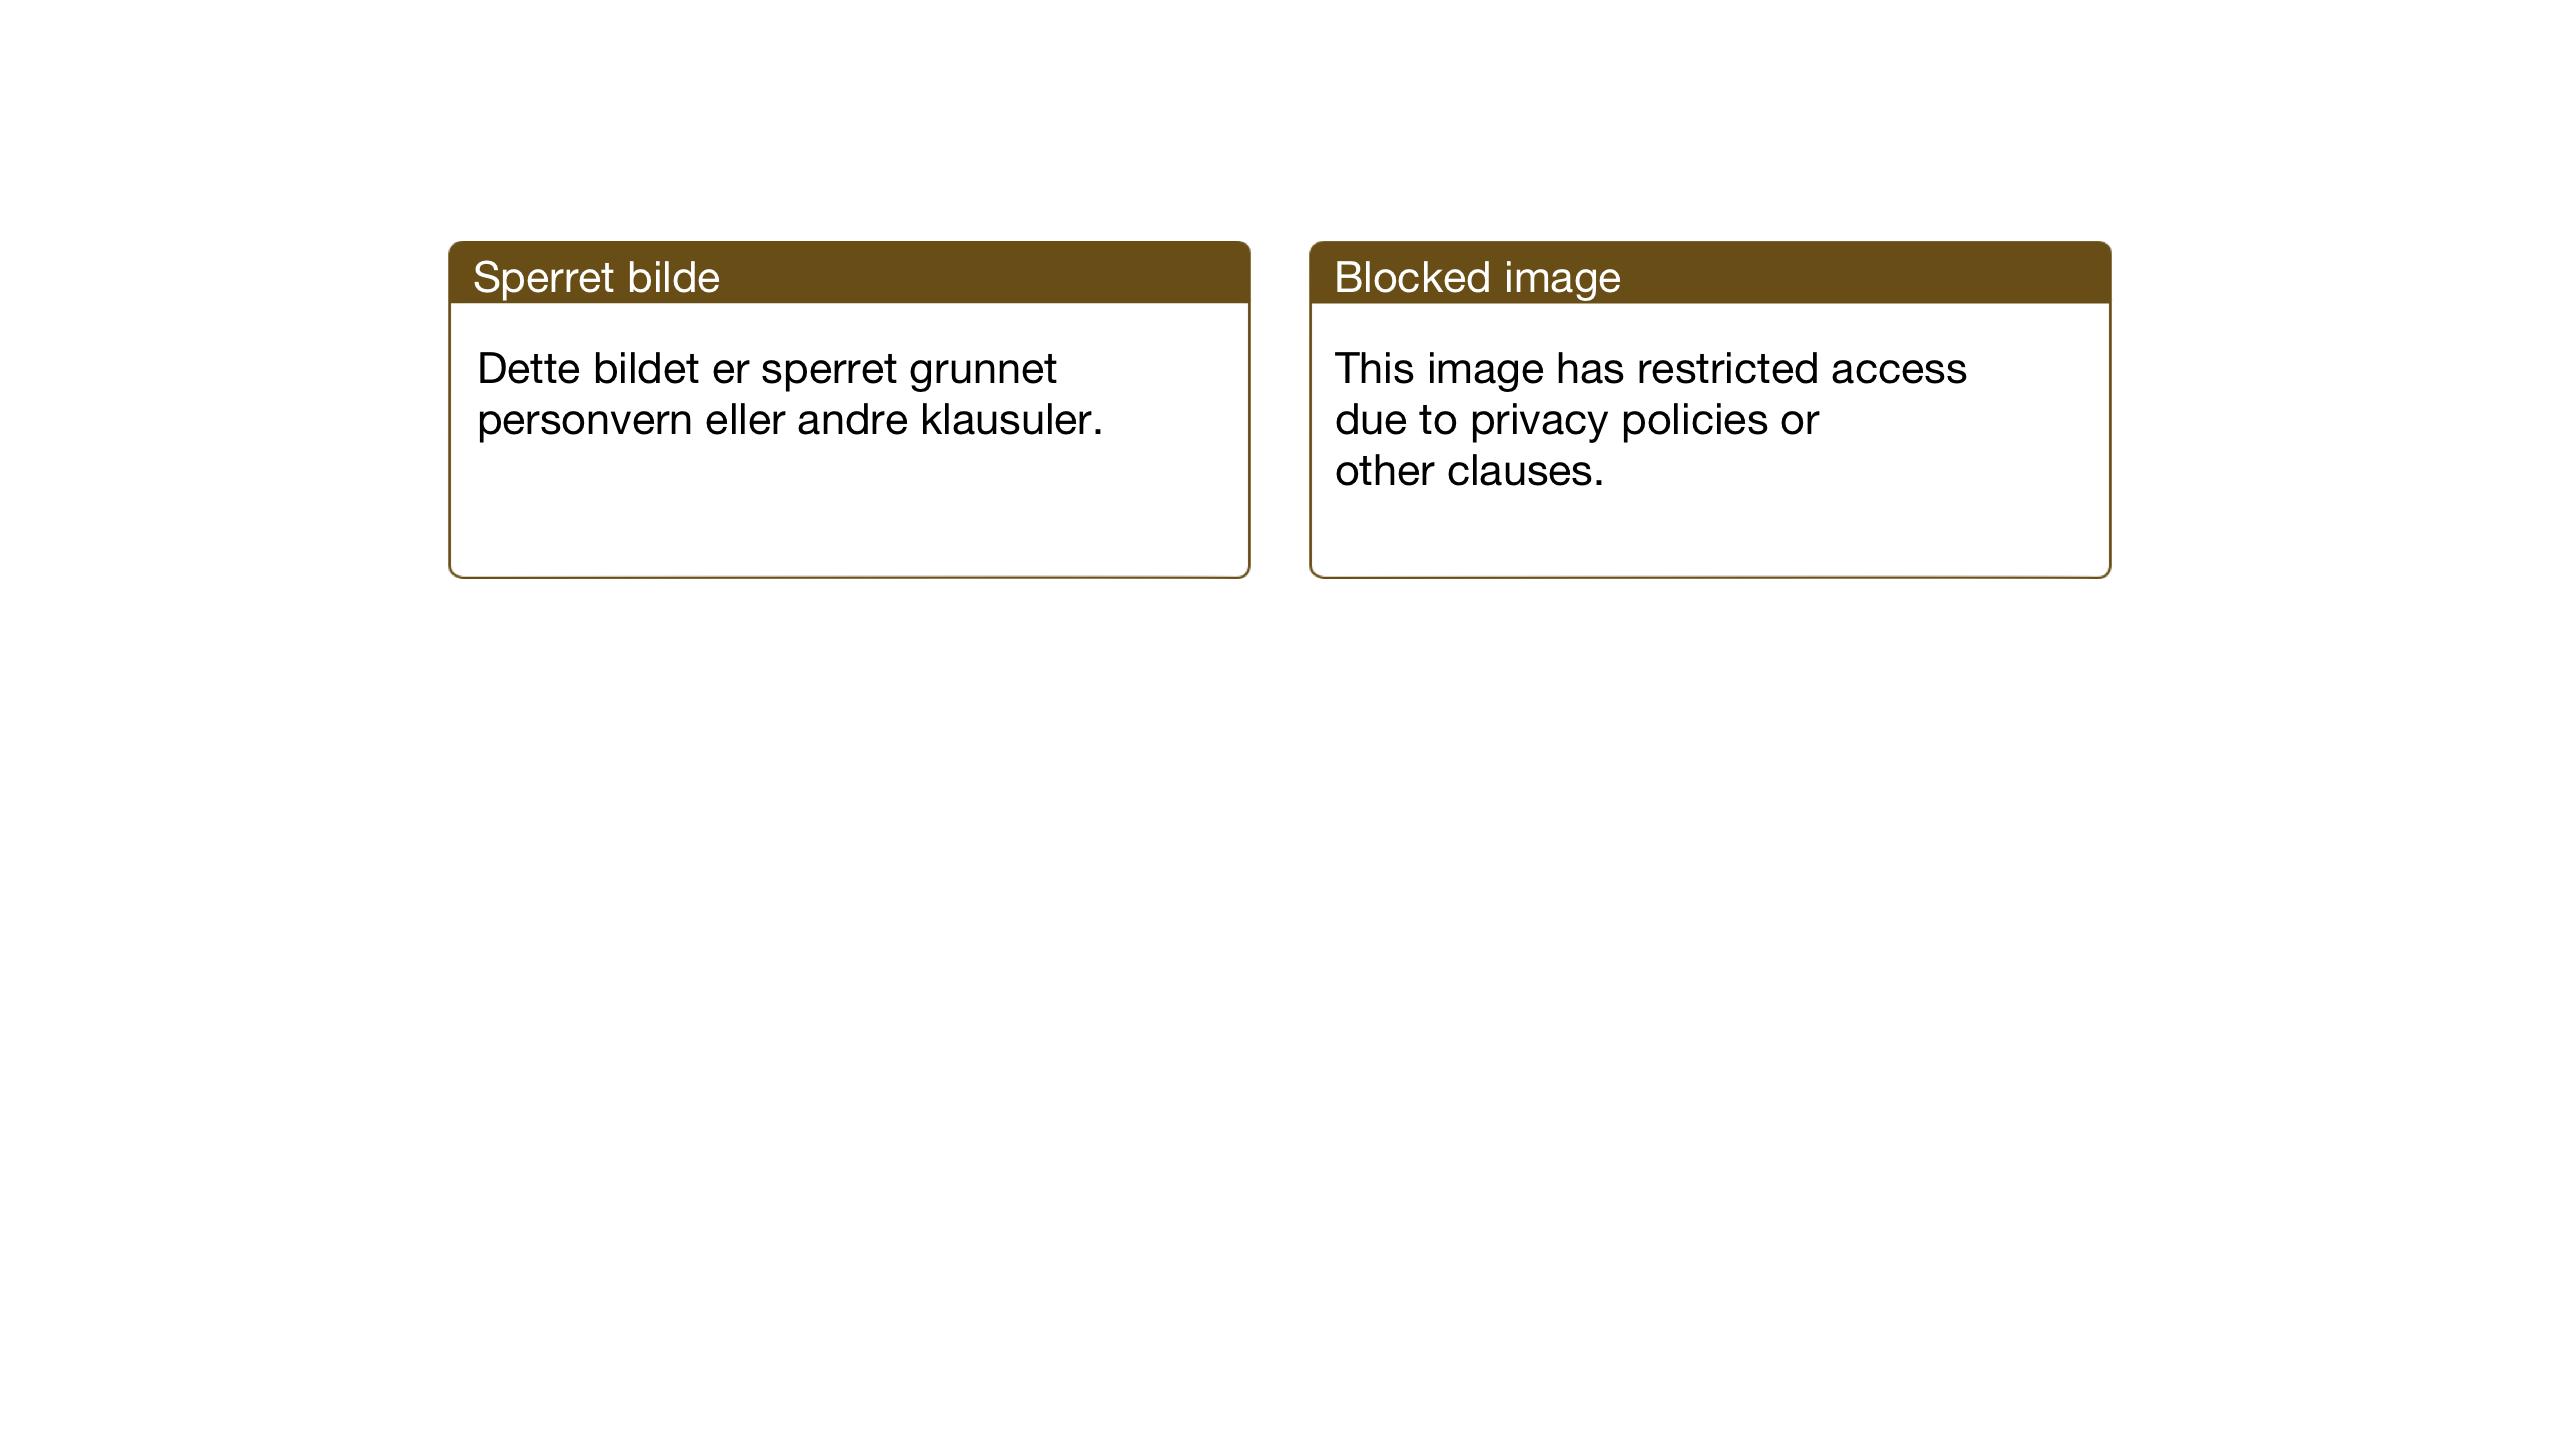 SAT, Ministerialprotokoller, klokkerbøker og fødselsregistre - Nord-Trøndelag, 710/L0097: Klokkerbok nr. 710C02, 1925-1955, s. 21